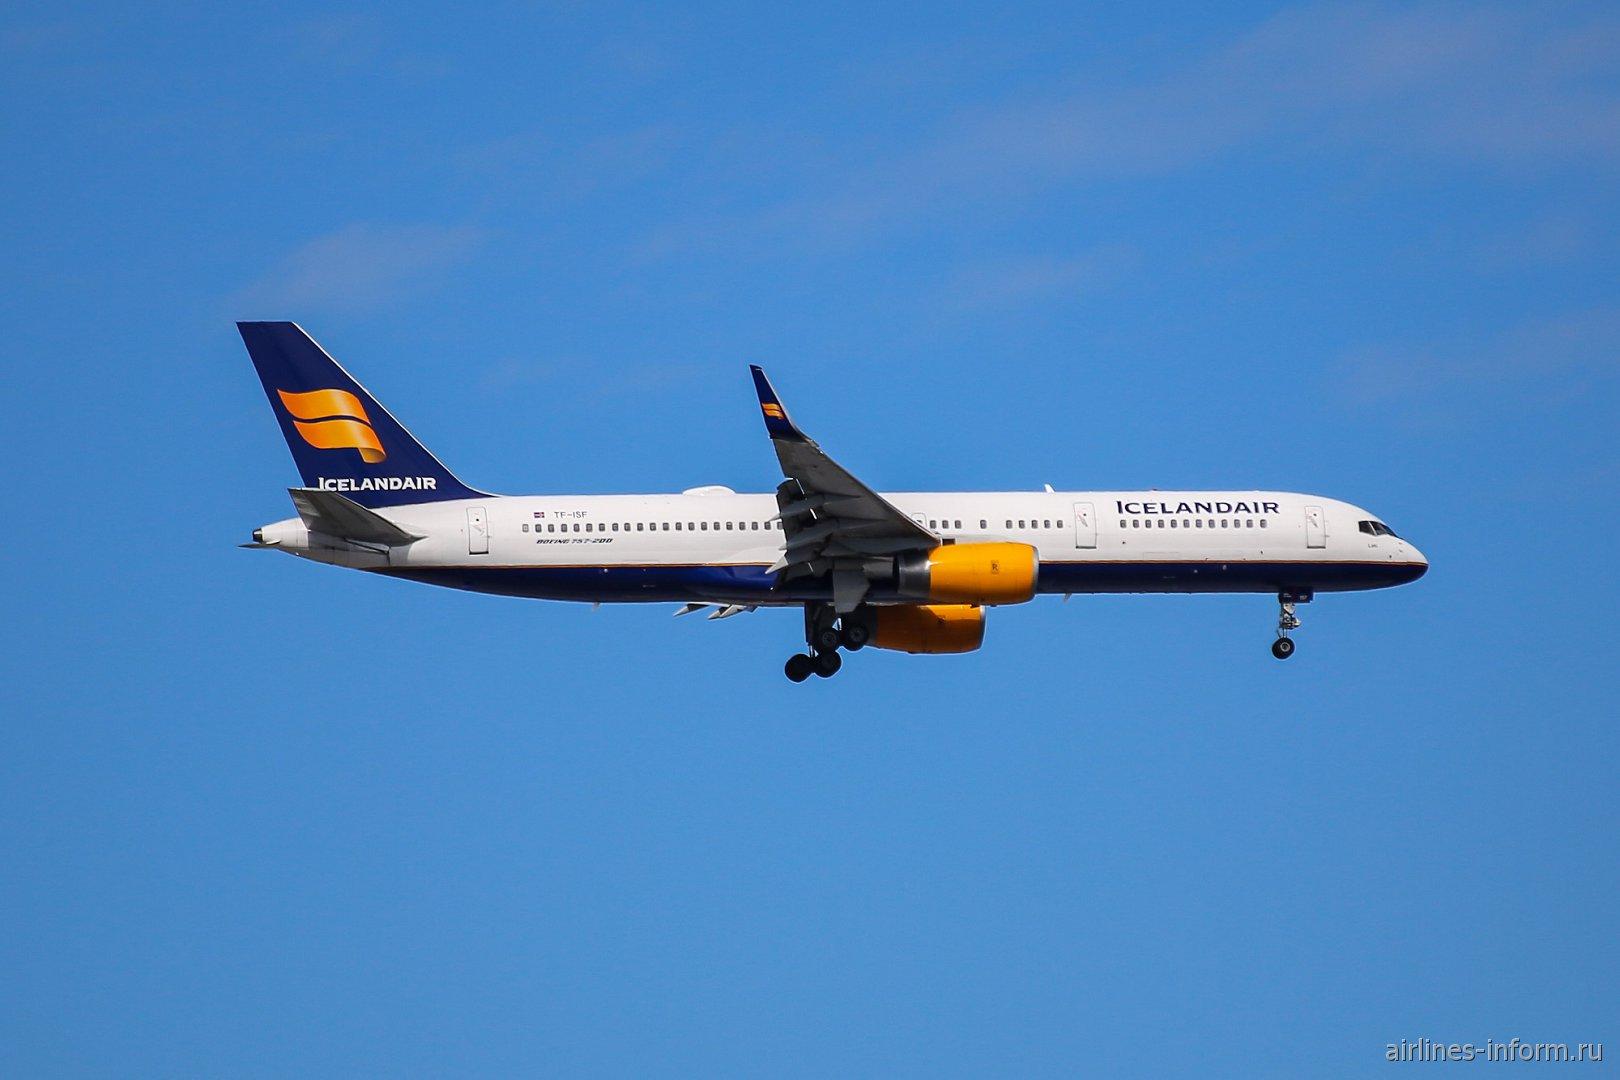 Боинг-757-200 исландской авиакомпании Icelandair